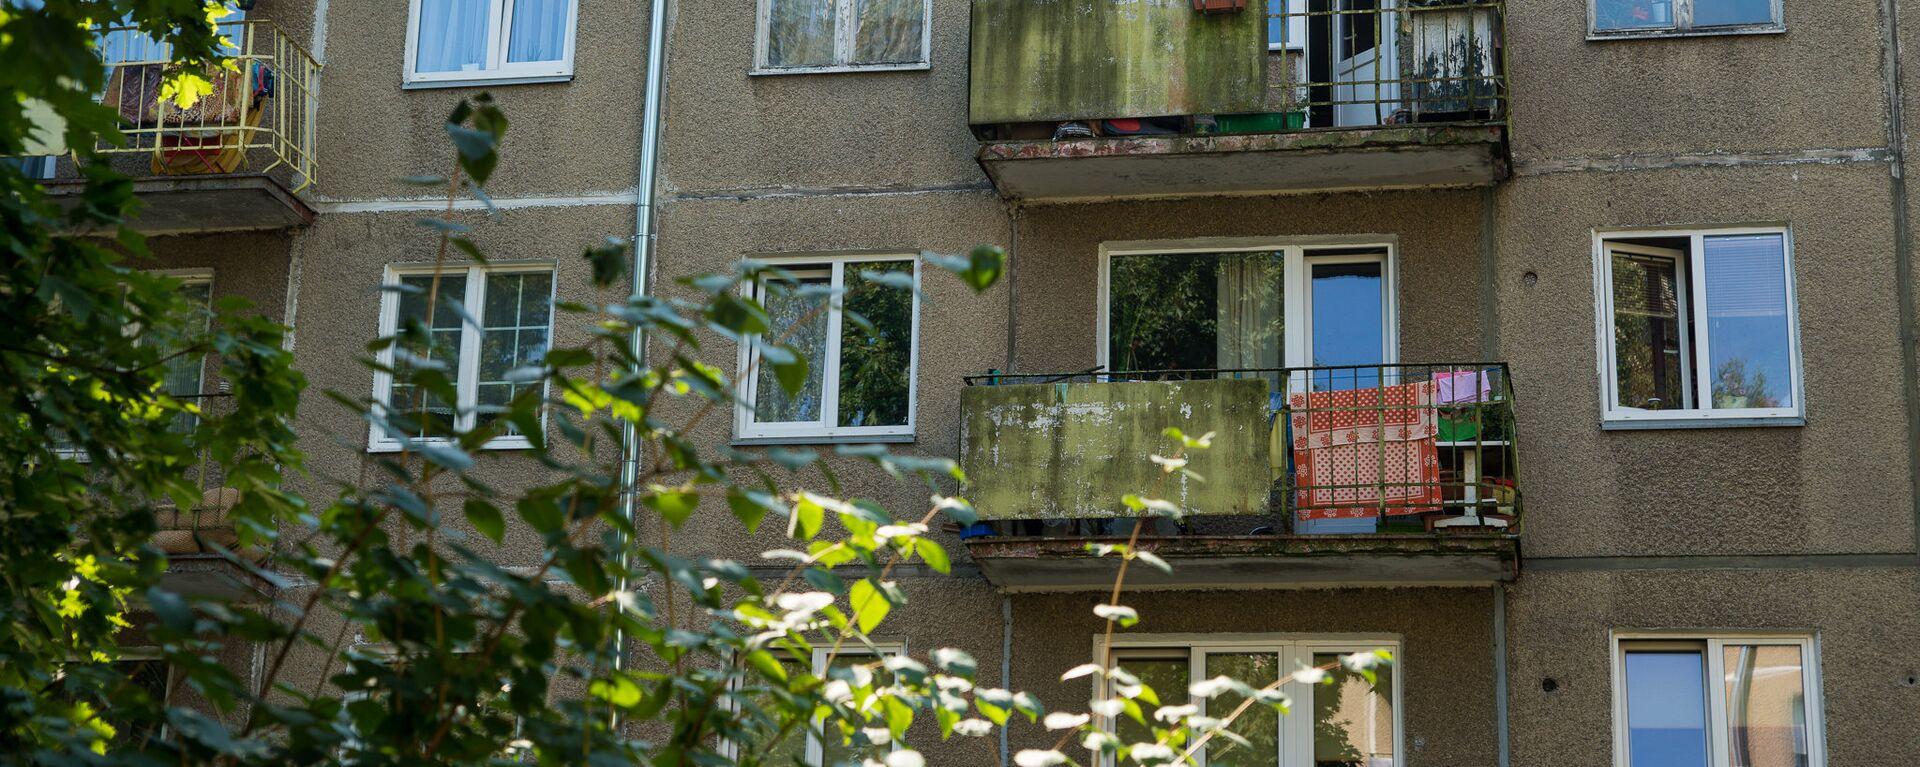 Многоквартирный дом по адресу ул. Юглас 37 - Sputnik Латвия, 1920, 20.08.2021